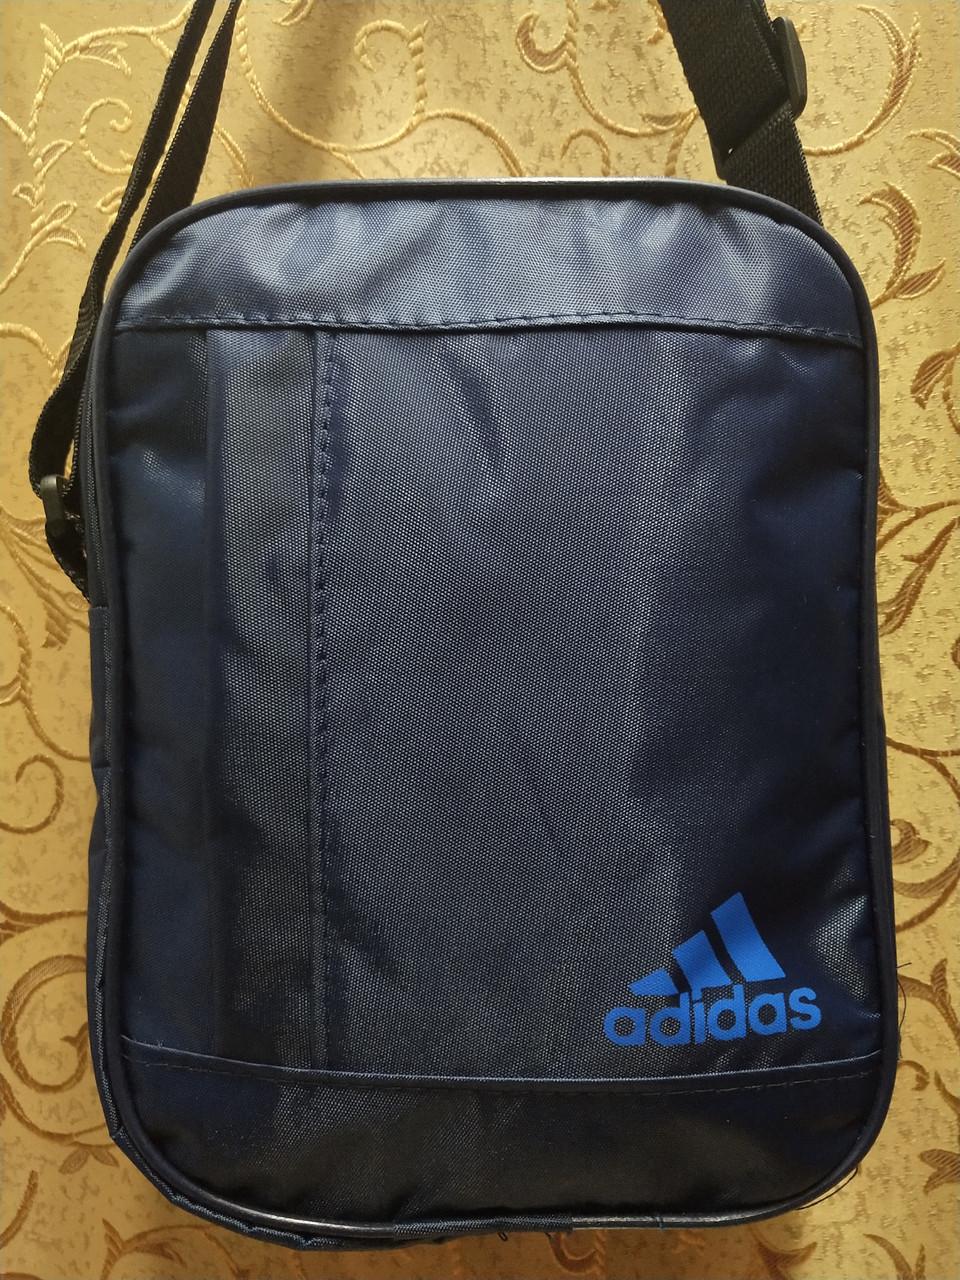 (24*19-большое)Спортивные барсетка adidas Водонепроницаемая сумка для через плечо только оптом